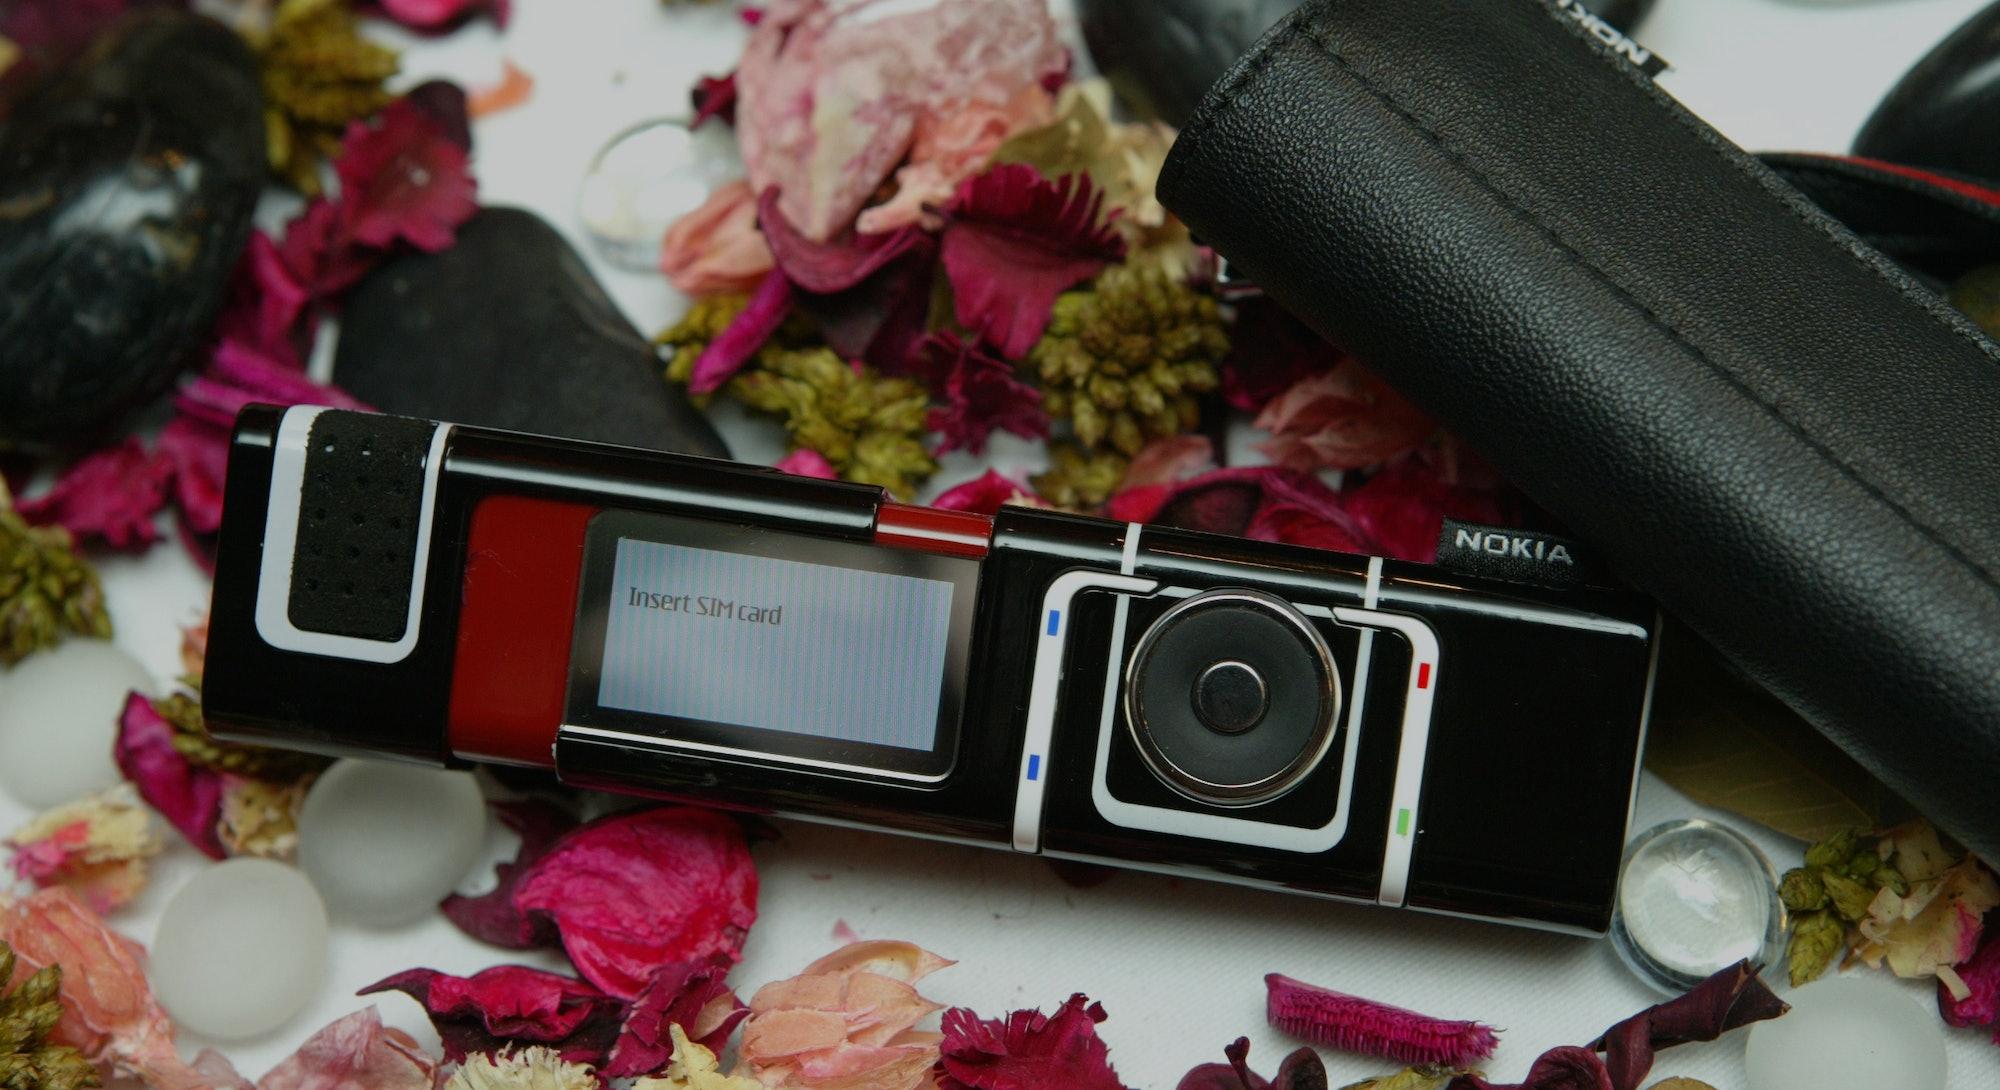 The Nokia.